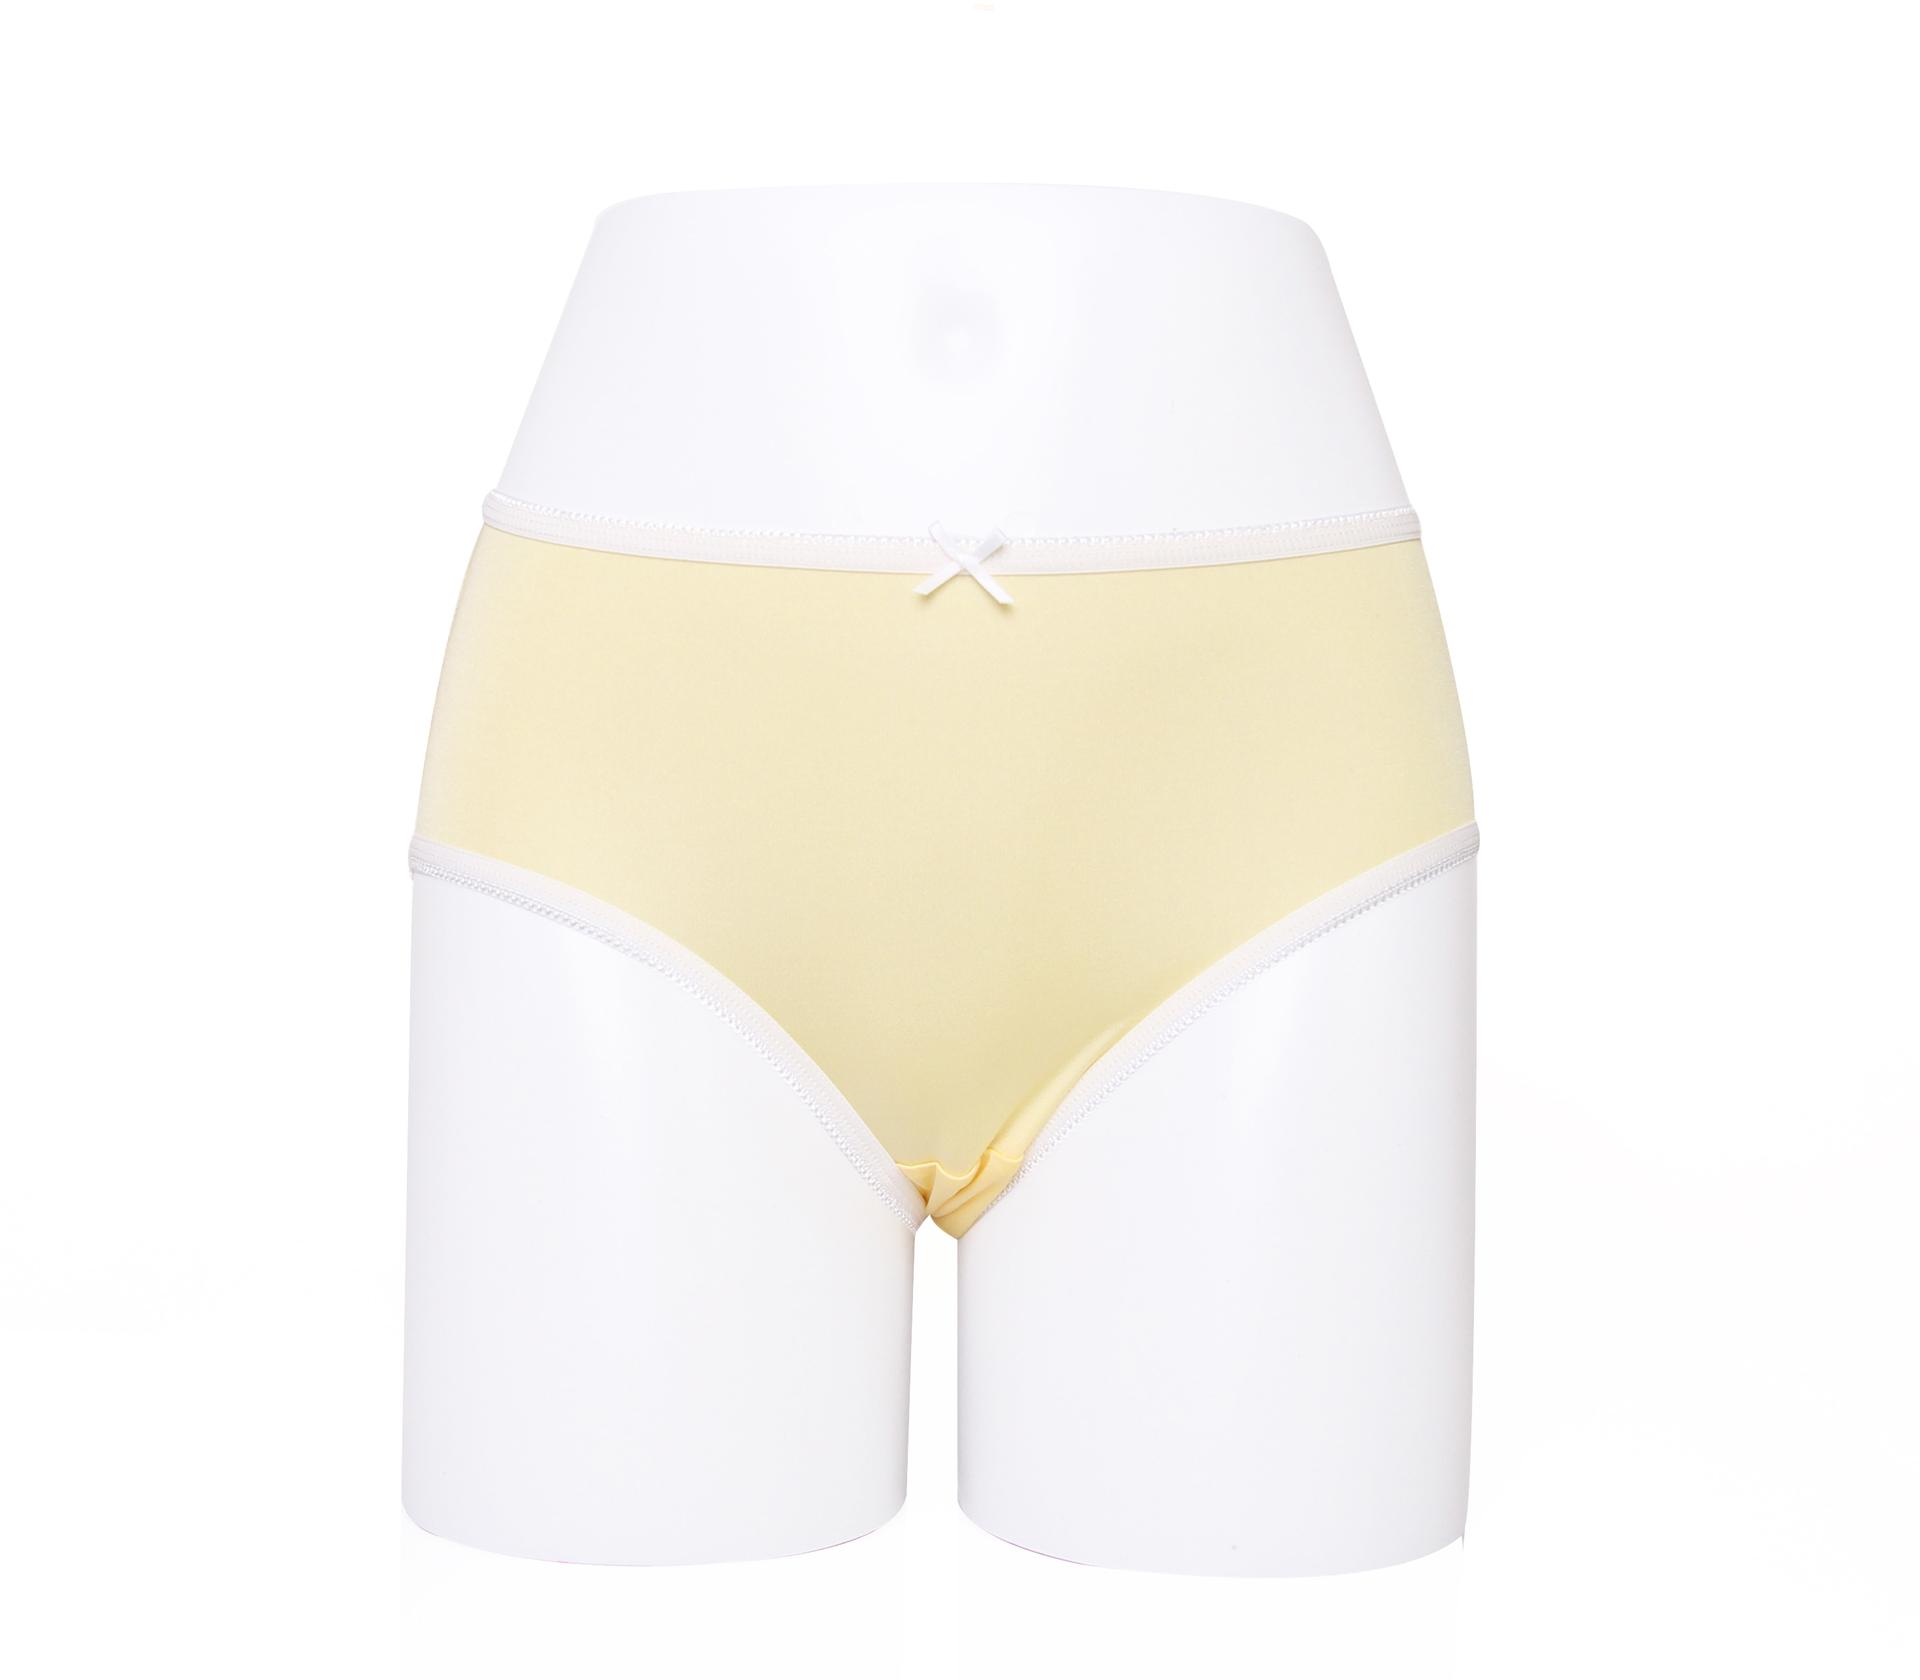 闕蘭絹繽紛質感30針100%蠶絲內褲-2218(黃)